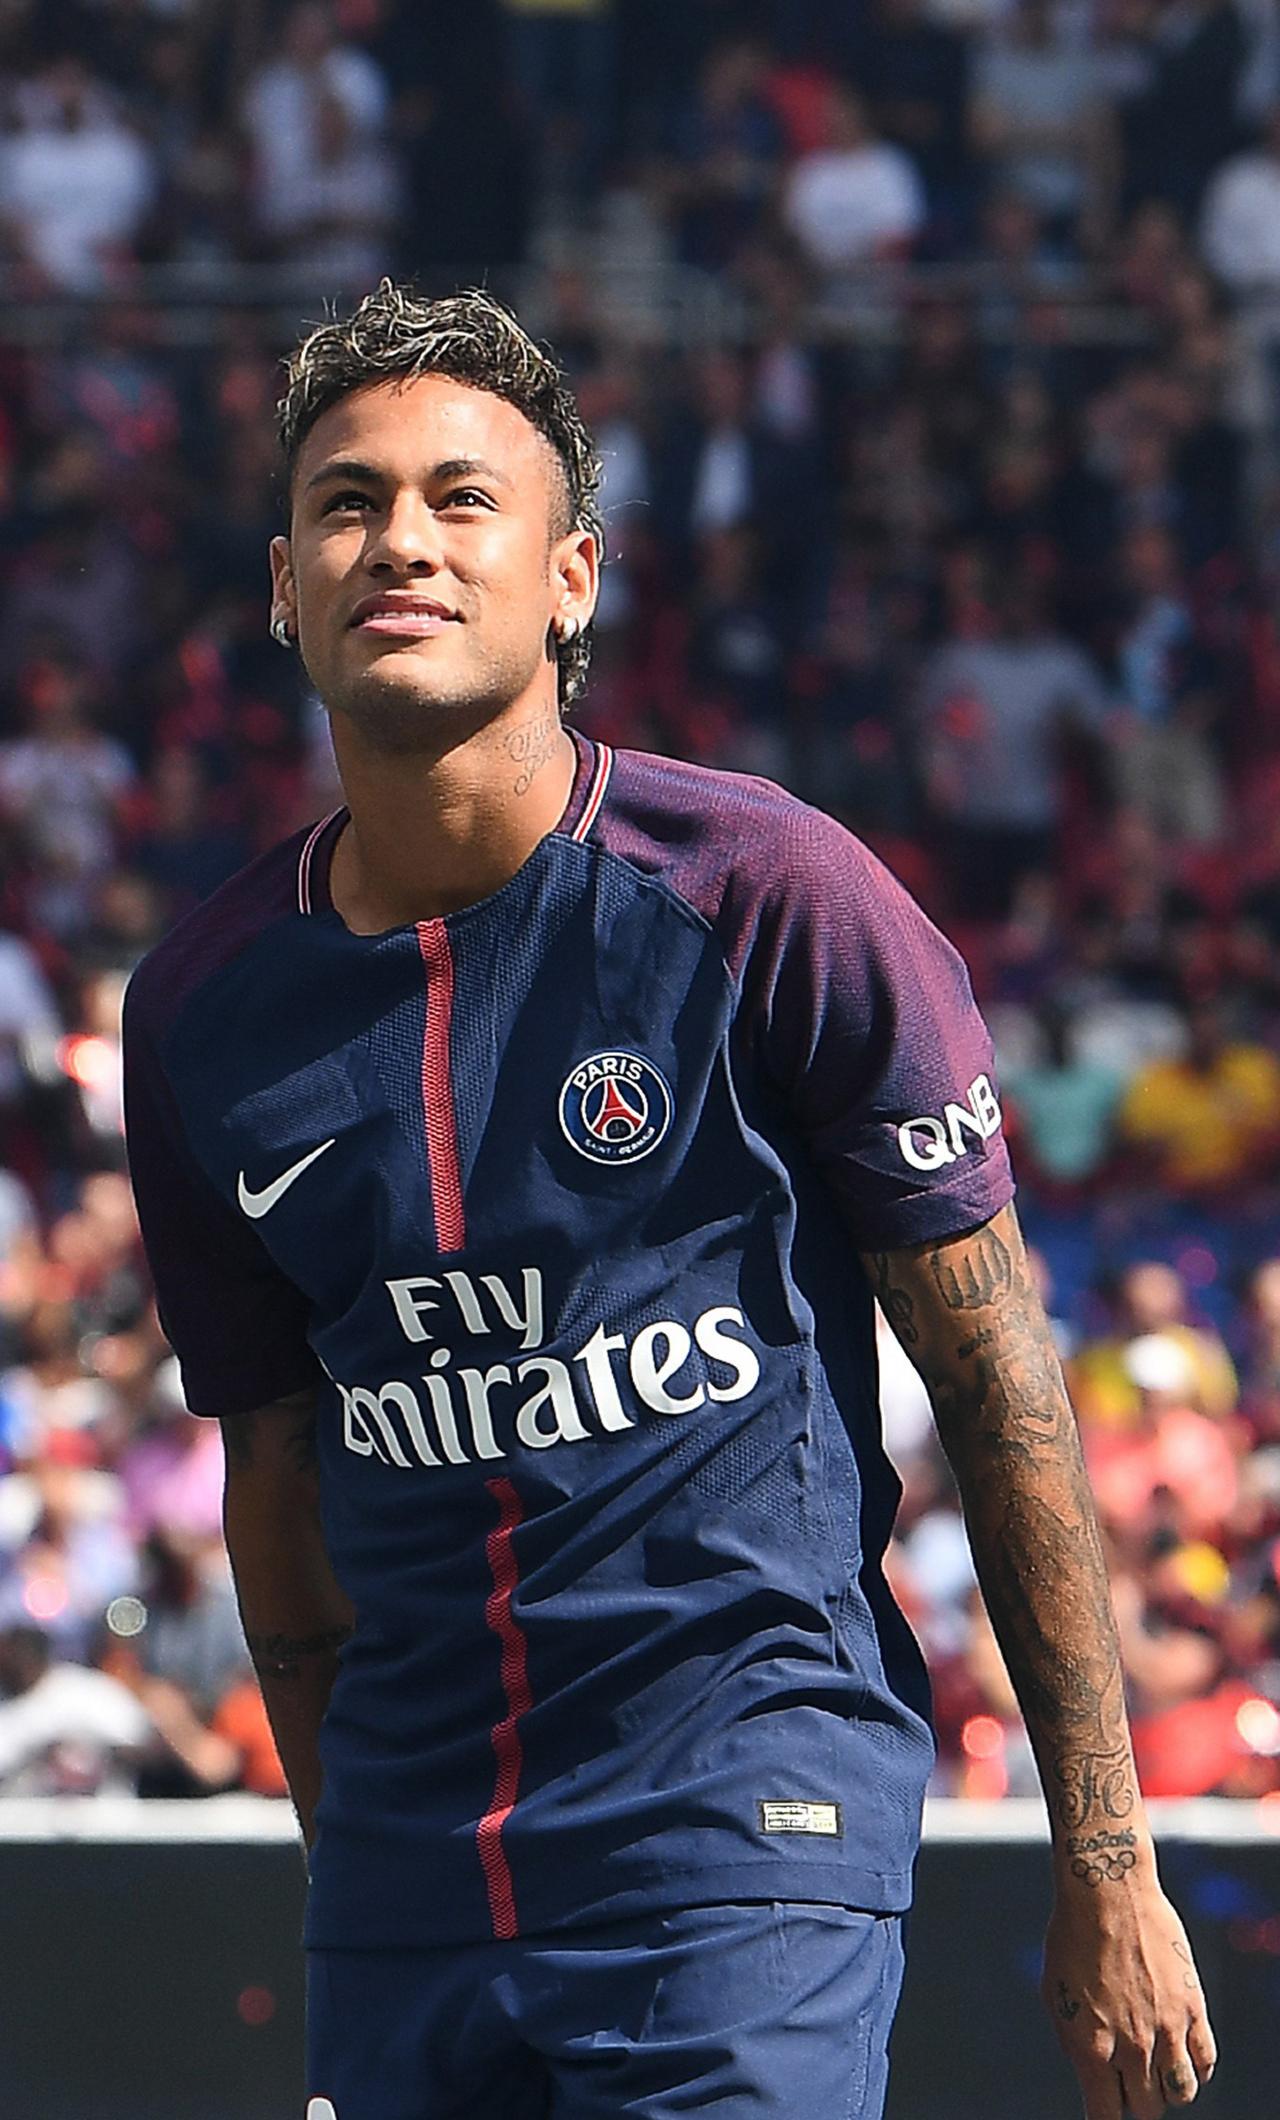 Neymar Psg HD 4K Wallpaper 1280x2120